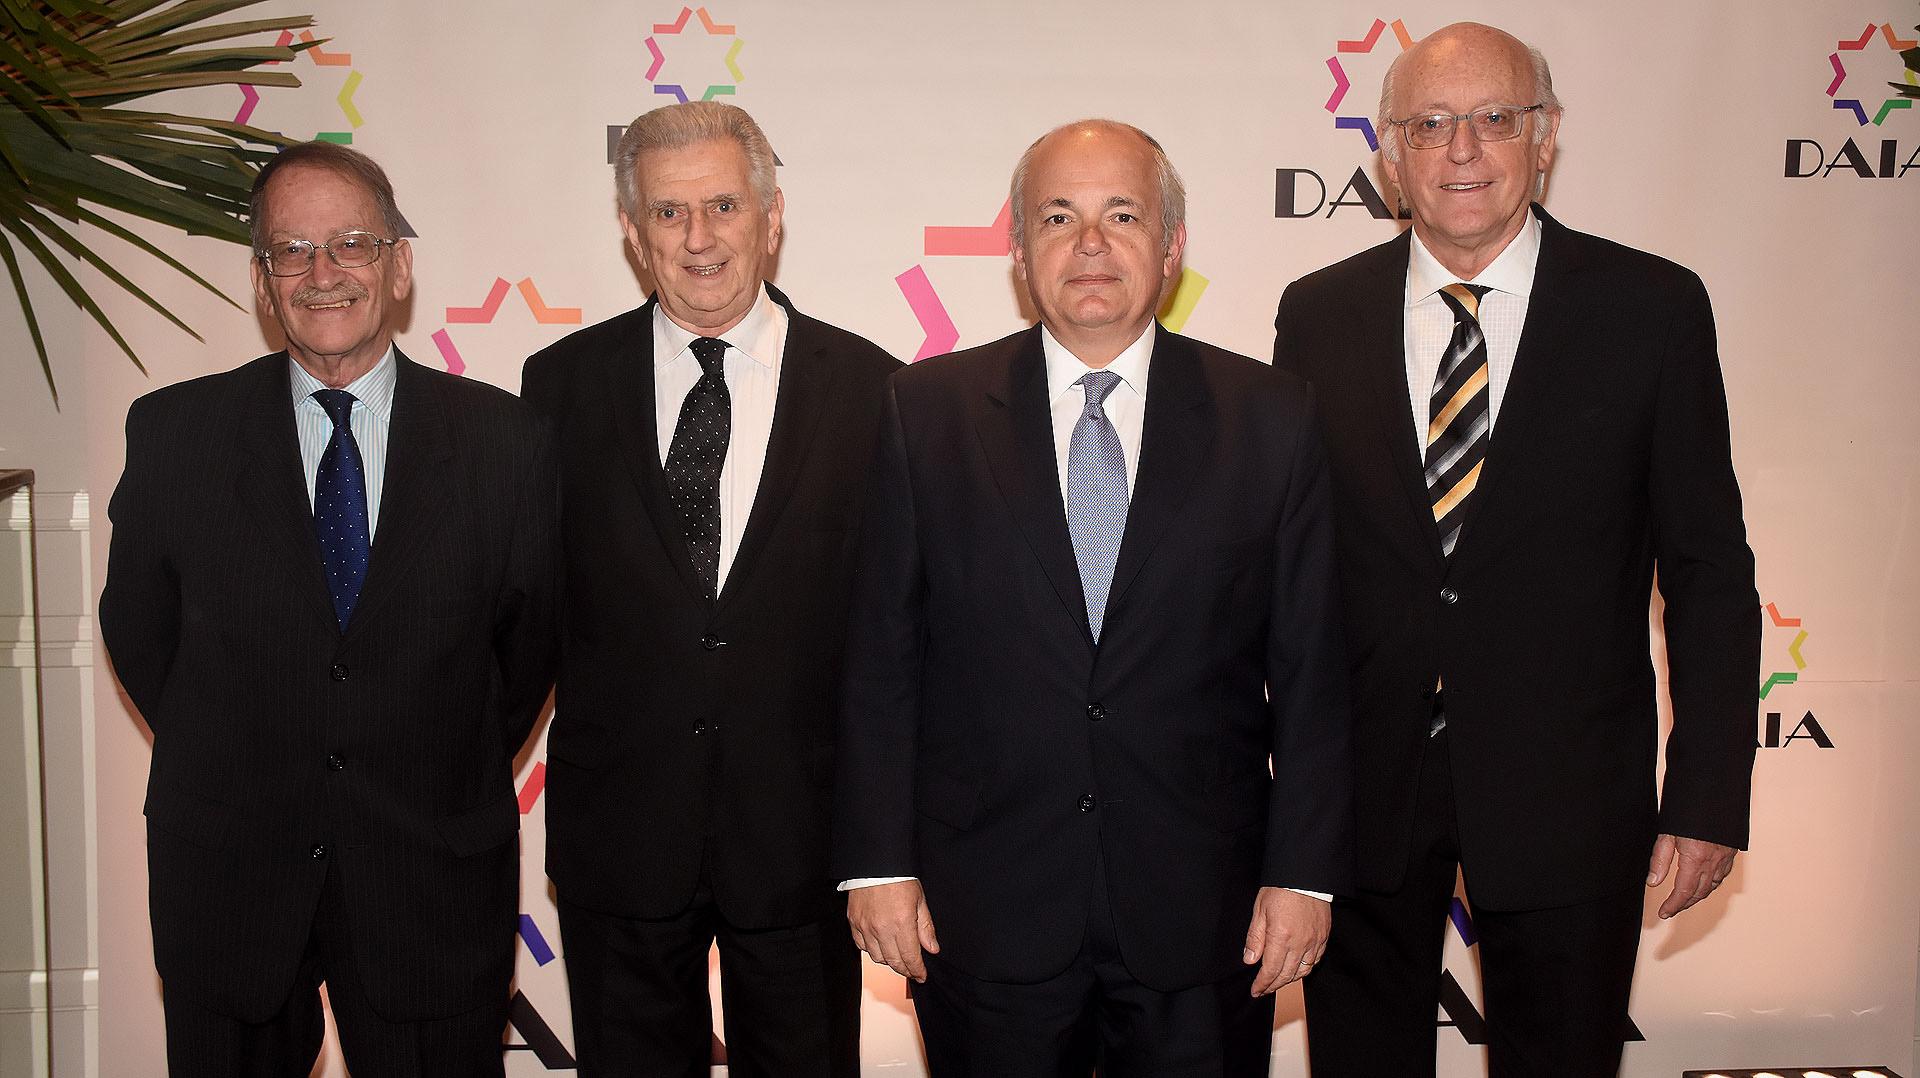 La comisión directiva de la DAIA recibe al abogado Alejandro Fargosi